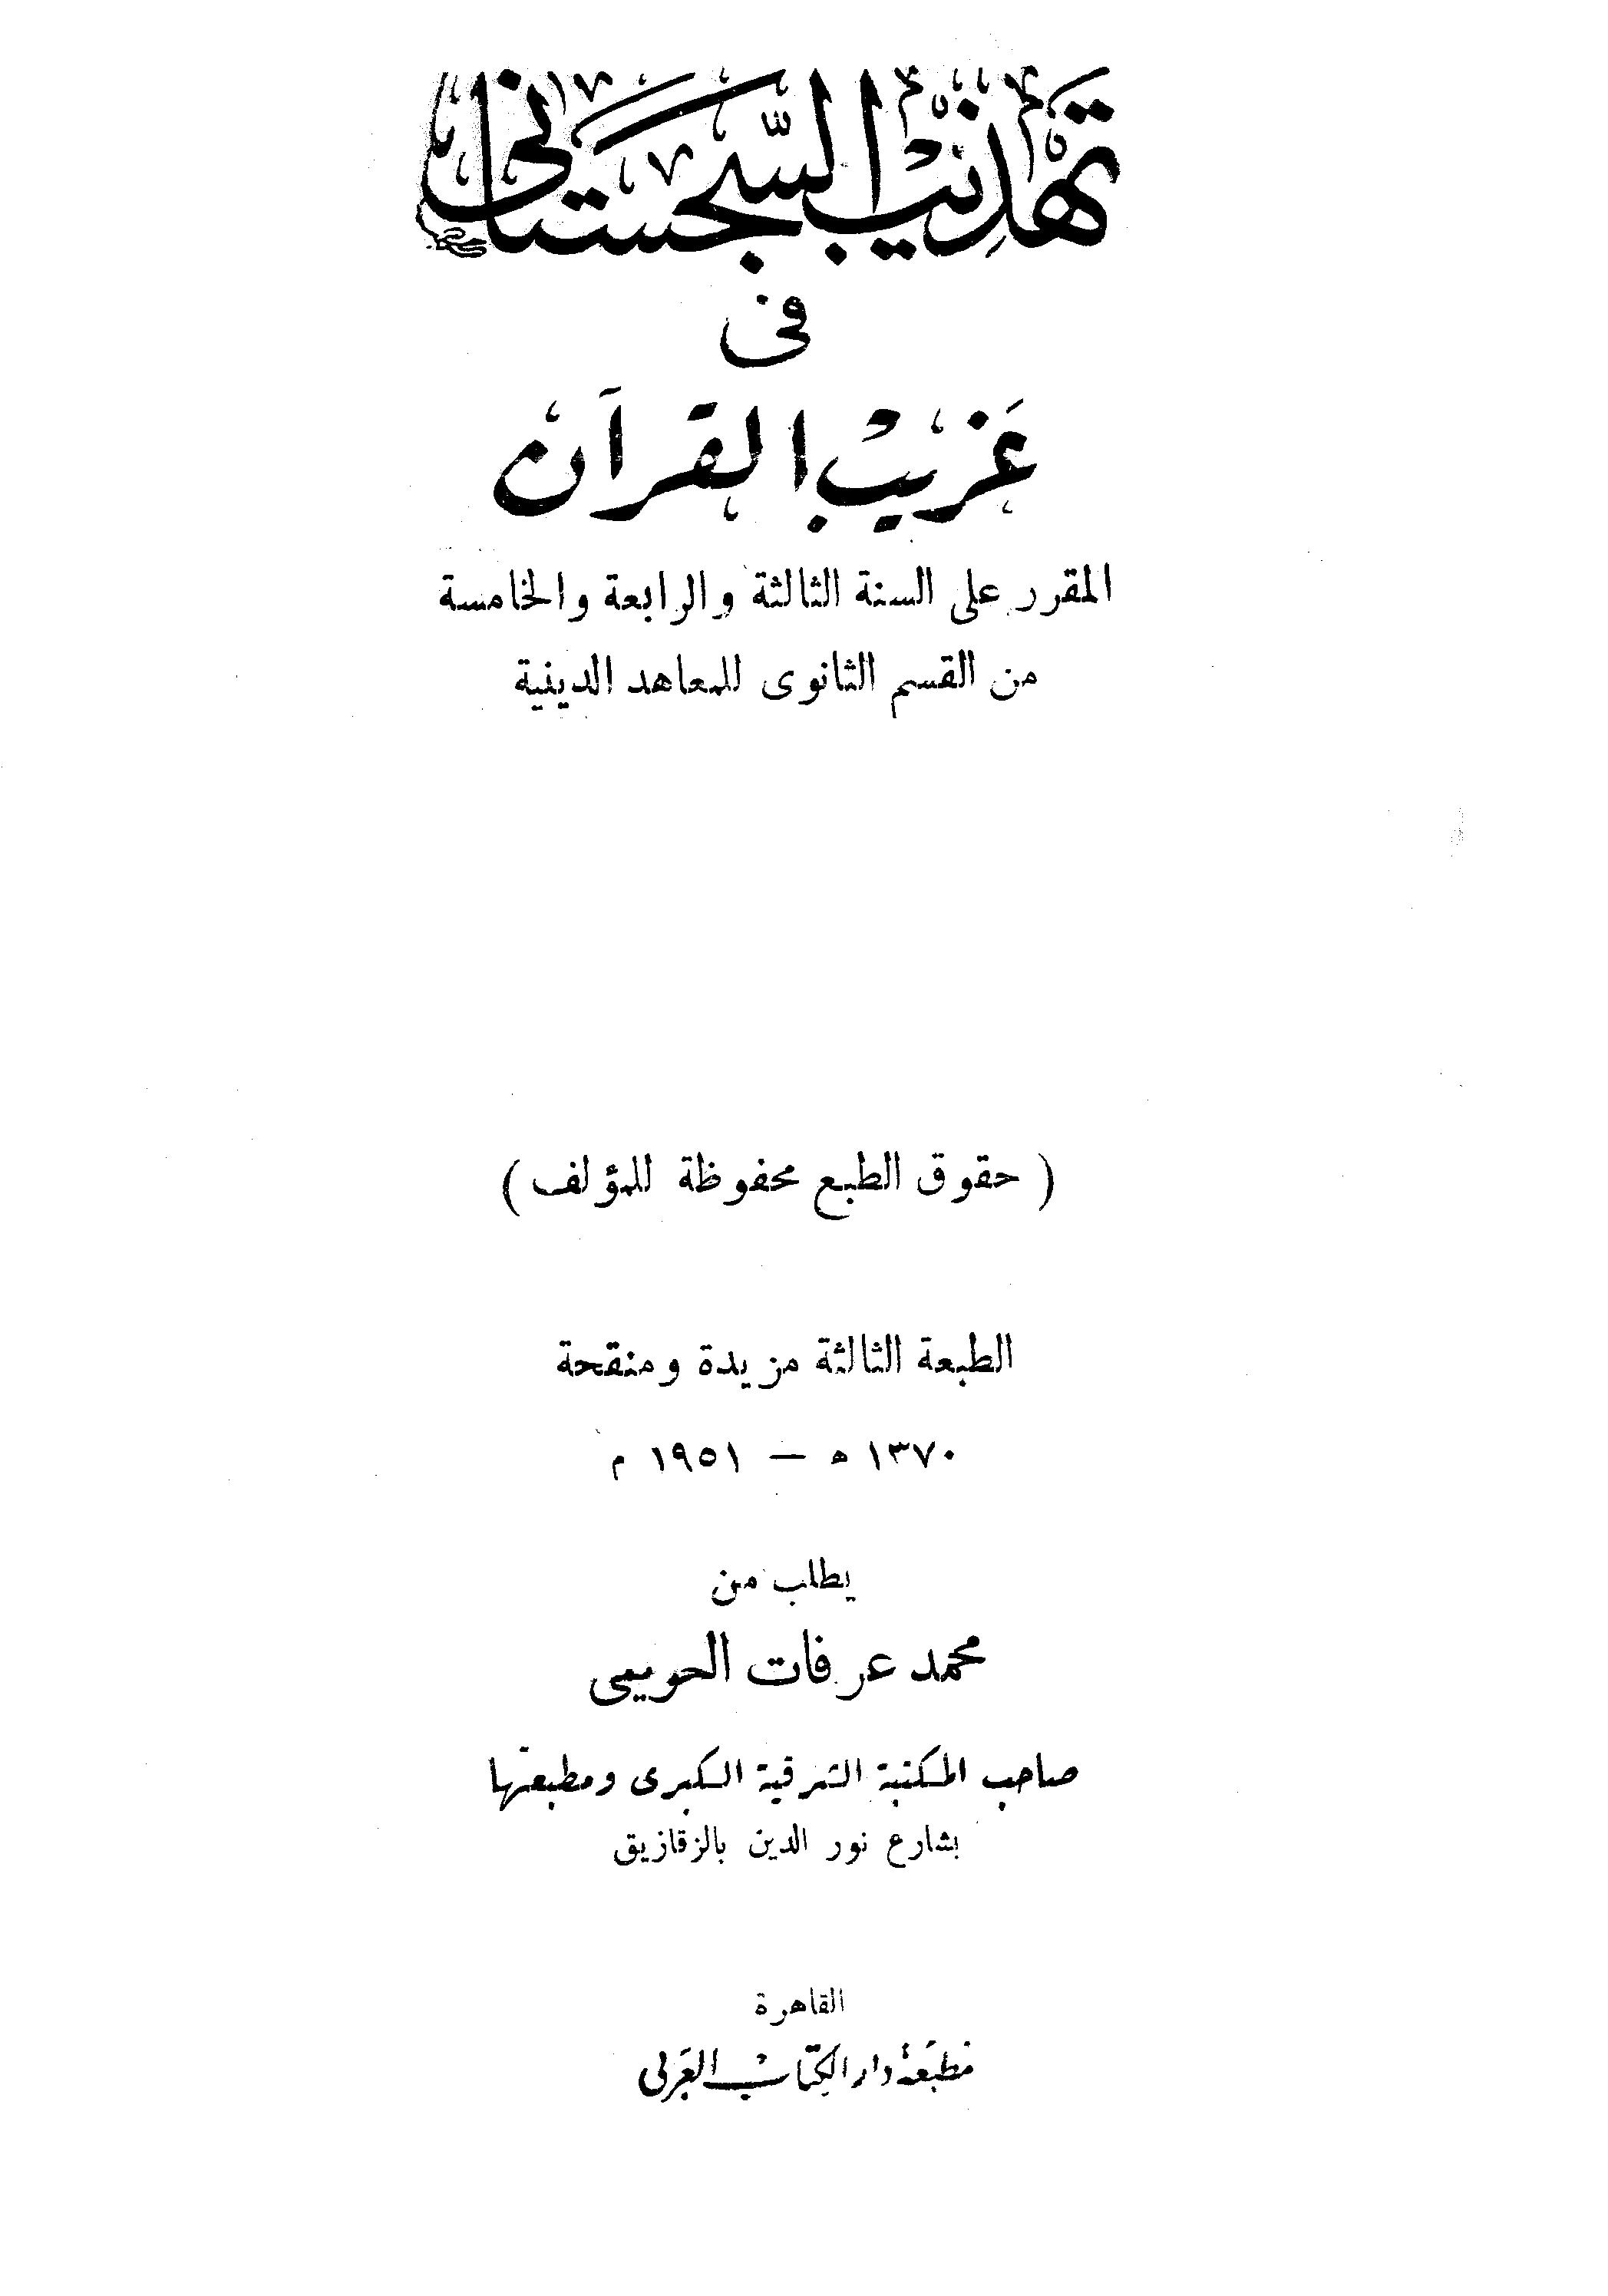 تحميل كتاب تهذيب السجستاني في غريب القرآن (المقرر على السنة الثالثة والرابعة والخامسة من القسم الثانوي للمعاهد الدينية) لـِ: محمد مرسي محمد